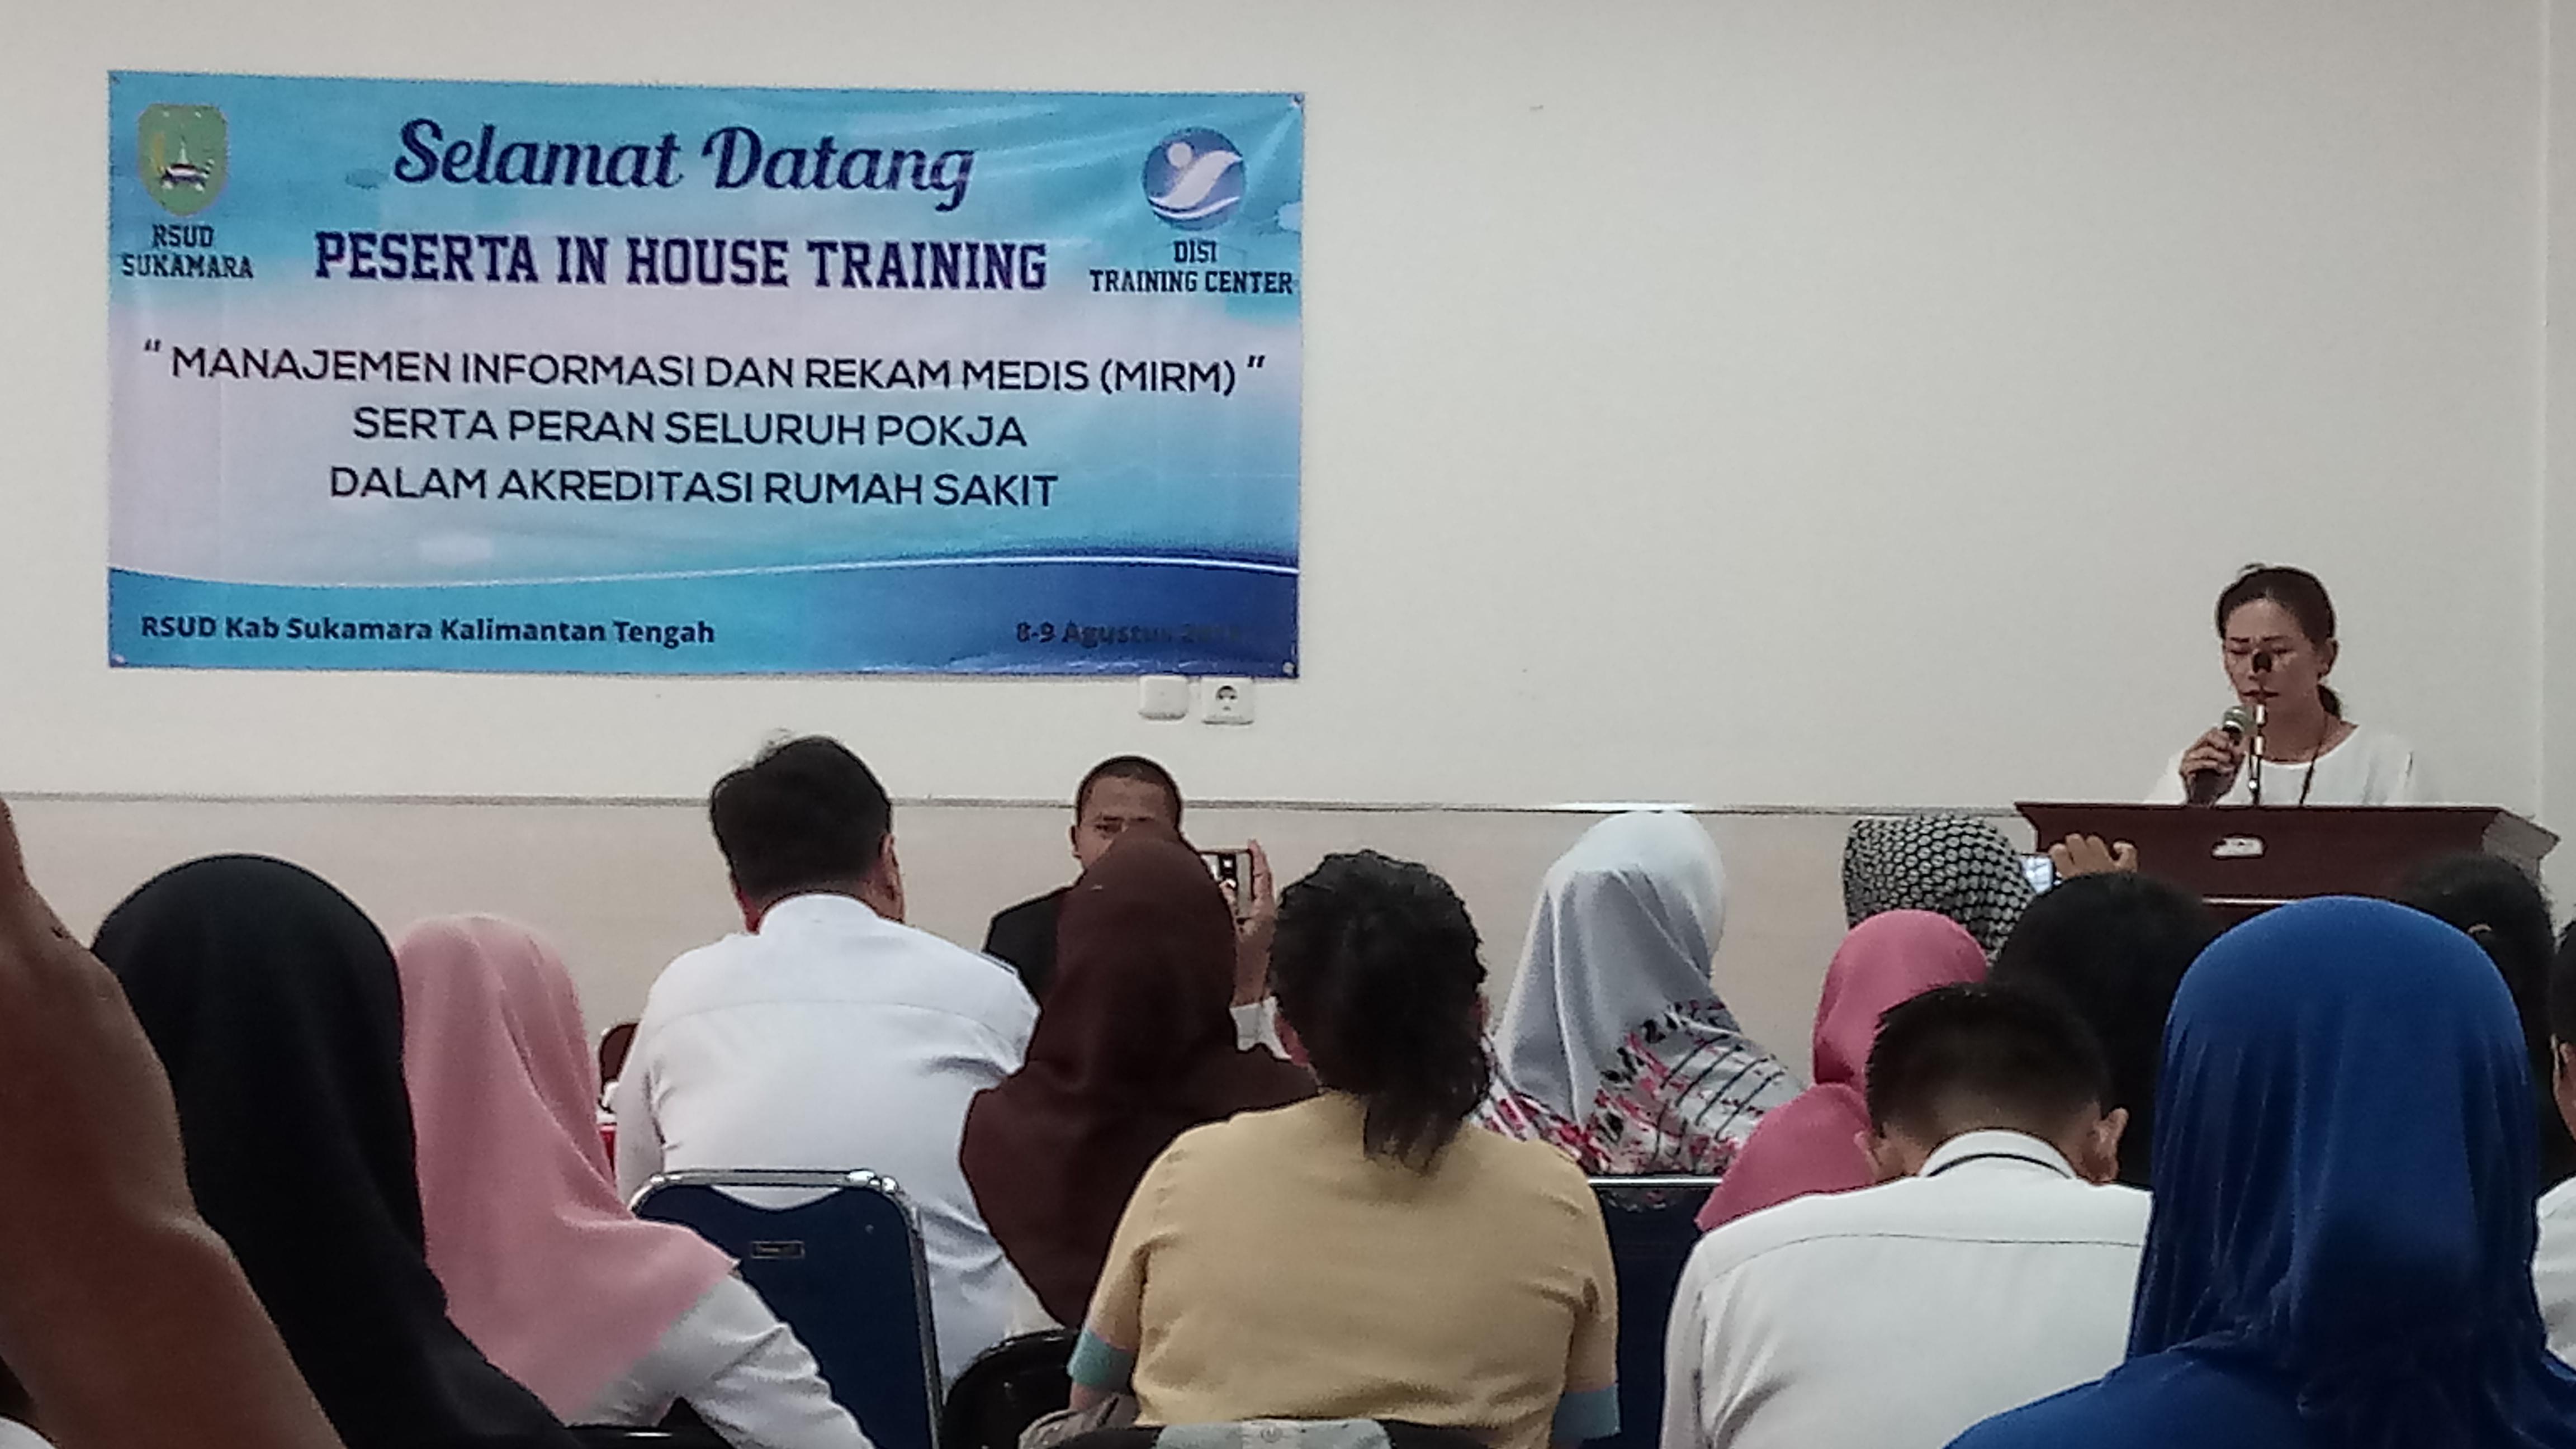 Training Manajemen Informasi dan Rekam Medis (MIRM)